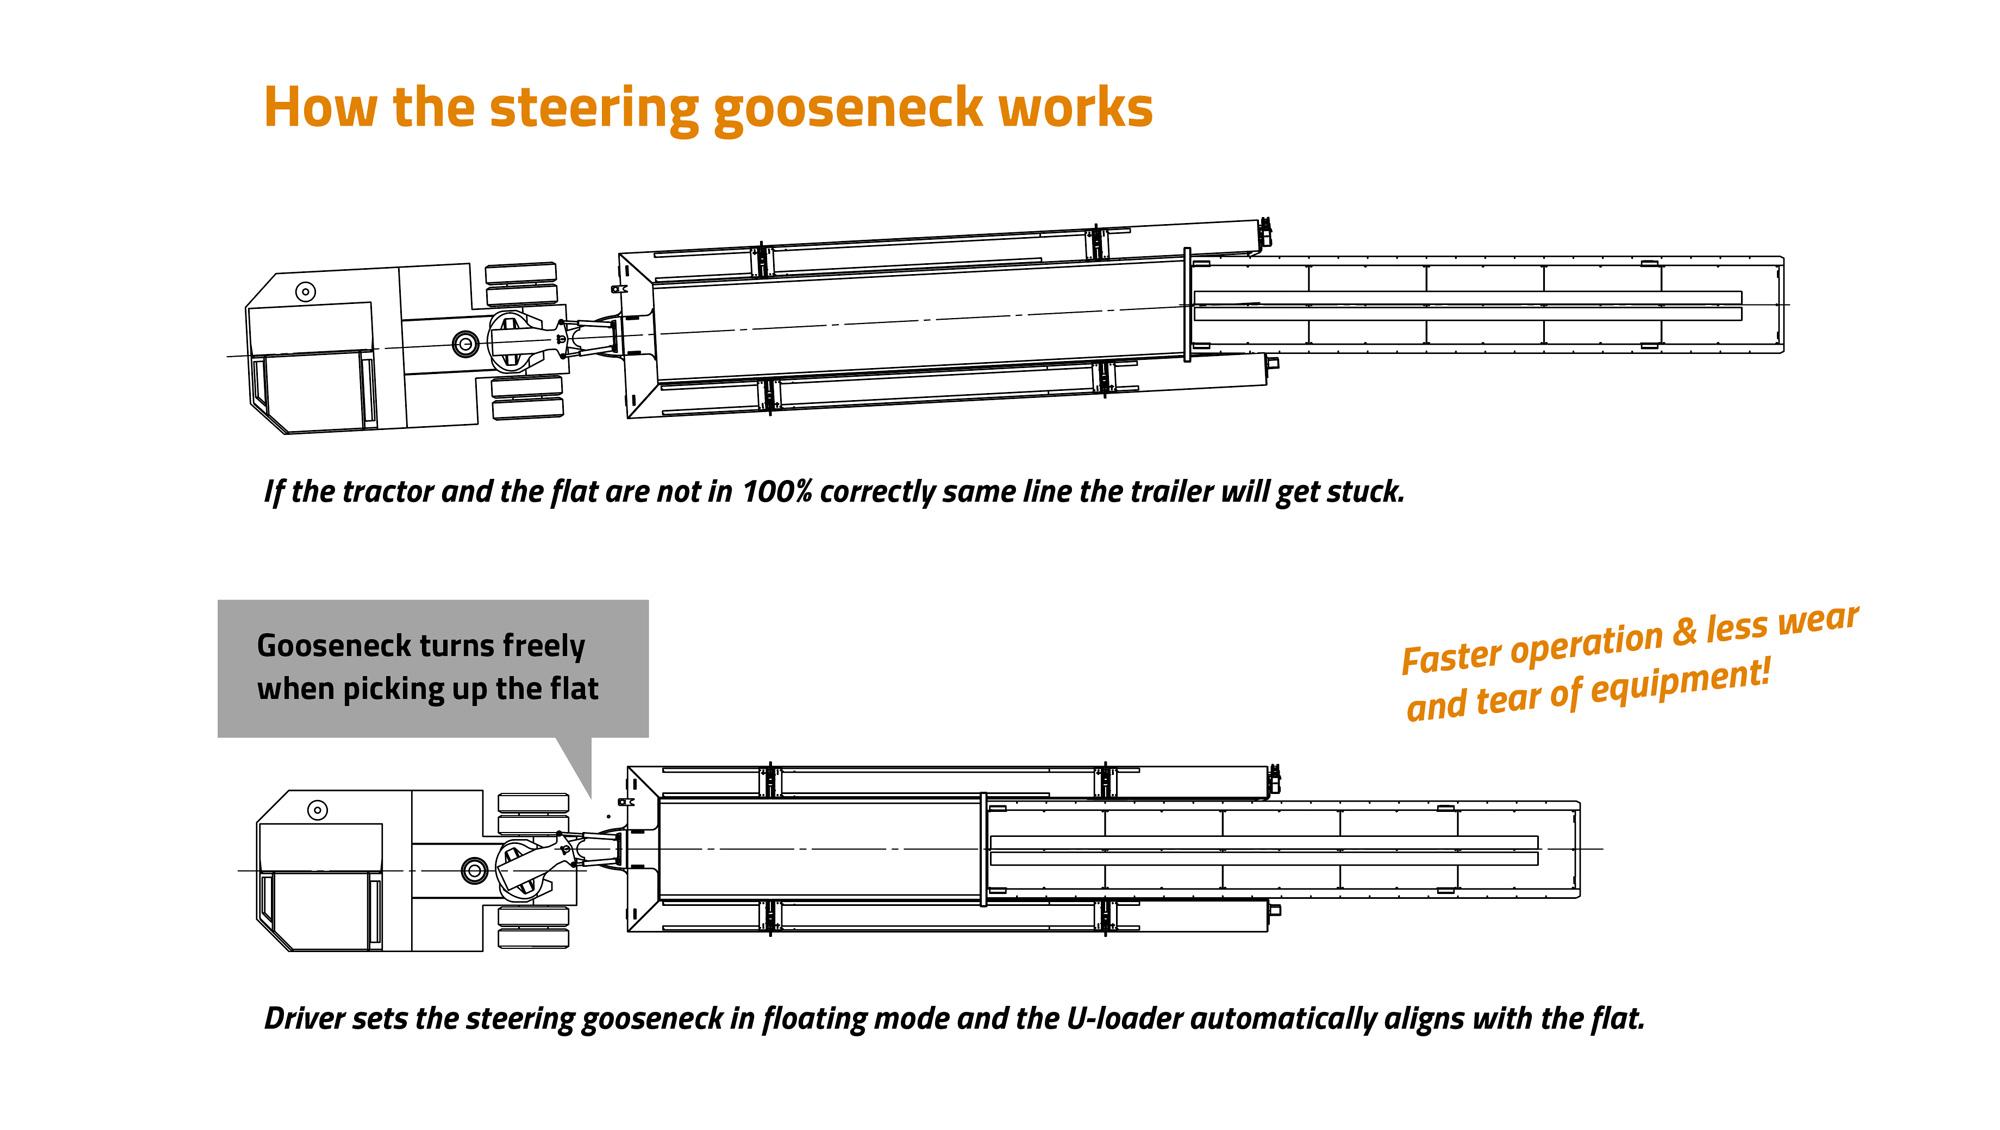 Movella U-Loader: How the steering gooseneck works